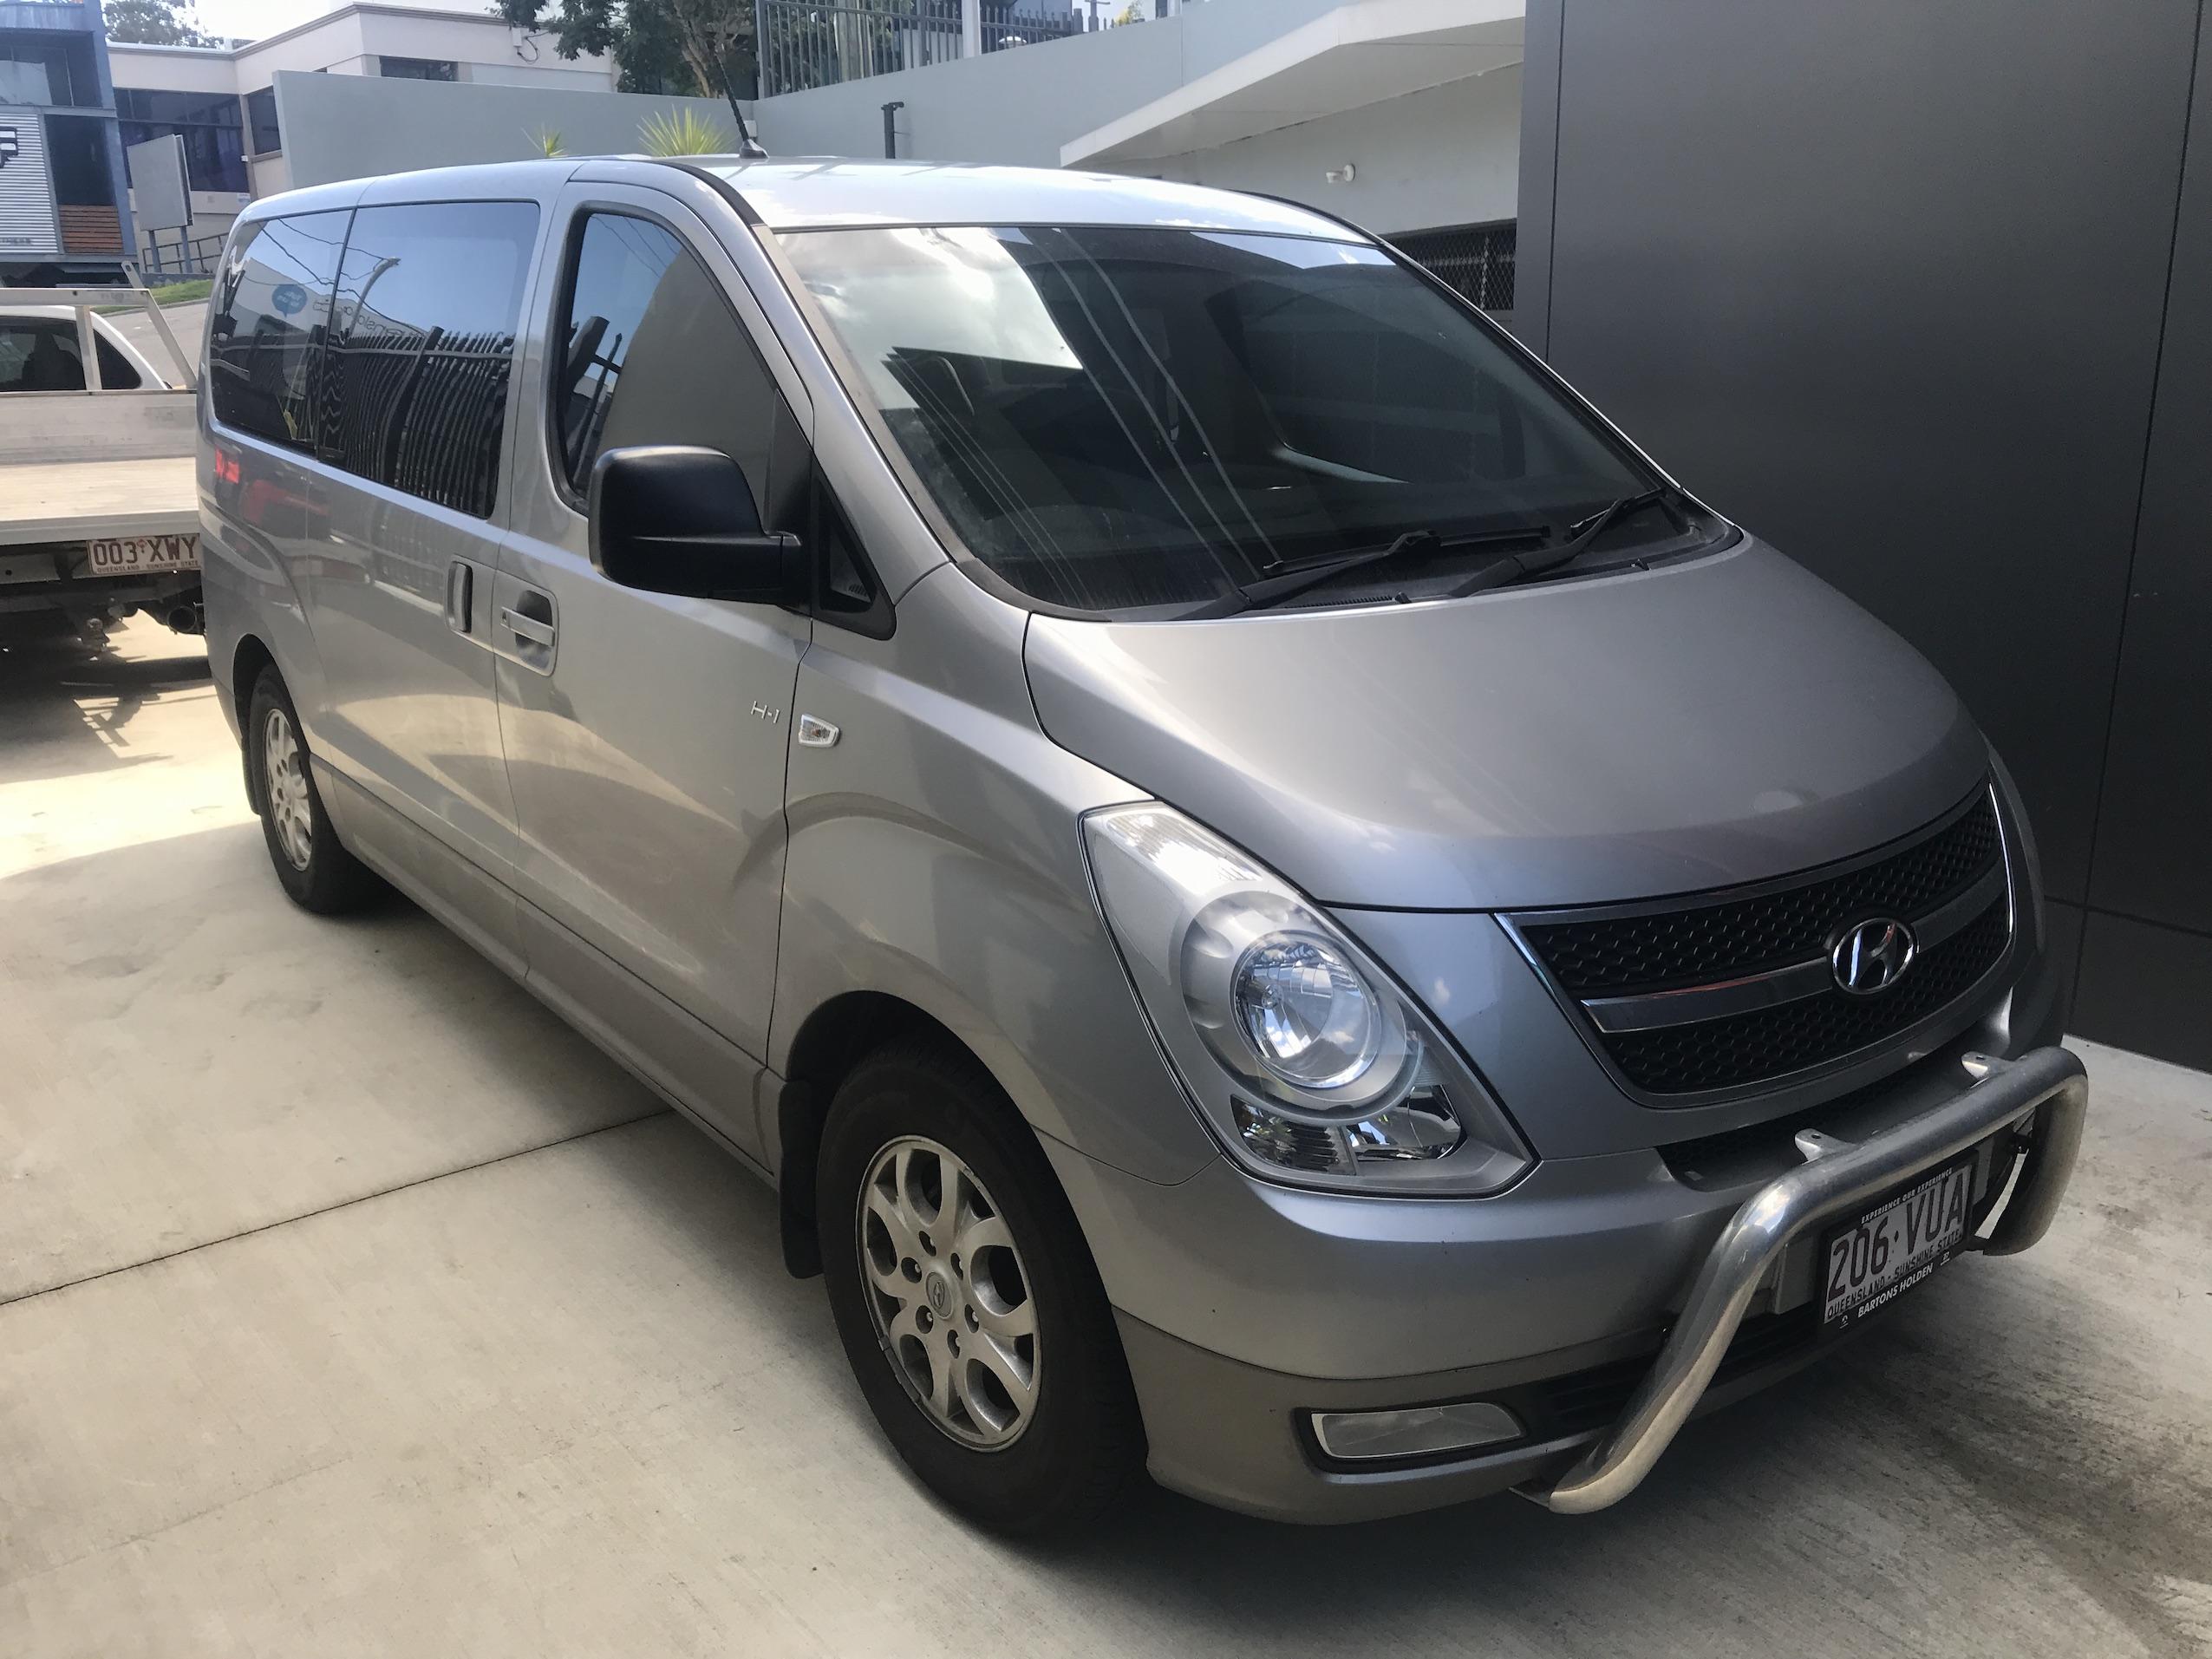 Picture of Yehirson's 2015 Hyundai iMax